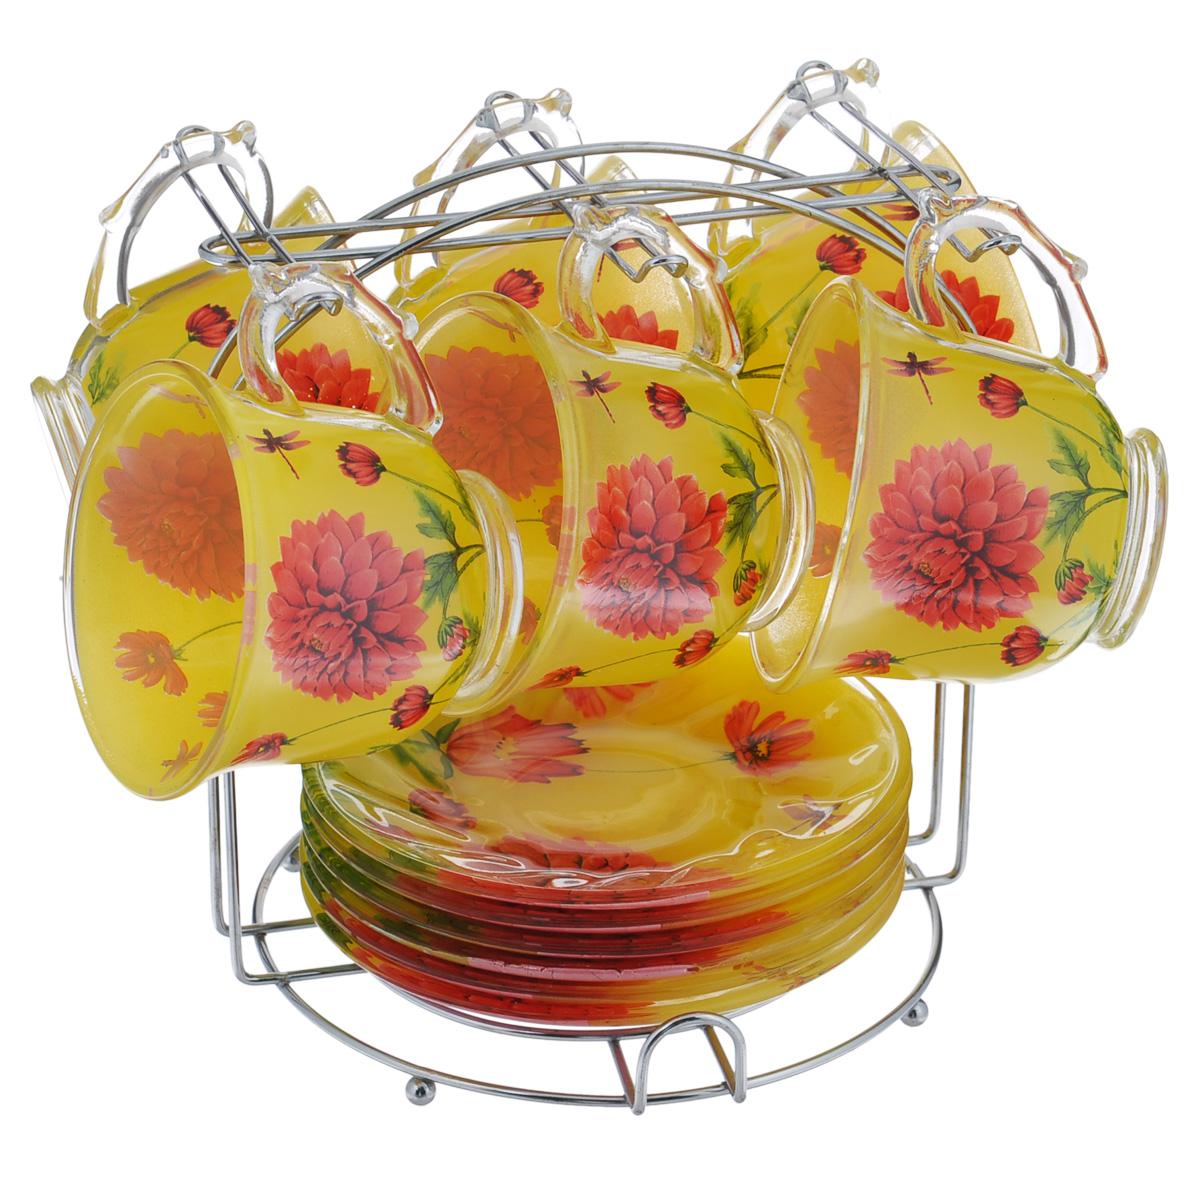 Набор чайный Bekker, 13 предметов. BK-5810BK-5810Чайный набор Bekker состоит из шести чашек и шести блюдец. Предметы набора изготовлены из высококачественного жаропрочного стекла и оформлены красочным цветочным рисунком. Блюдца круглой формы. В комплекте - металлическая хромированная подставка с шестью крючками для подвешивания кружек и подставкой для блюдец.Чайный набор яркого и в тоже время лаконичного дизайна украсит интерьер кухни и сделает ежедневное чаепитие настоящим праздником. Подходит для мытья в посудомоечной машине. Объем чашки: 220 мл. Диаметр чашки (по верхнему краю): 9 см. Высота чашки: 7,5 см. Диаметр блюдца: 13,8 см. Размер подставки: 18 см х 18 см х 19,5 см.